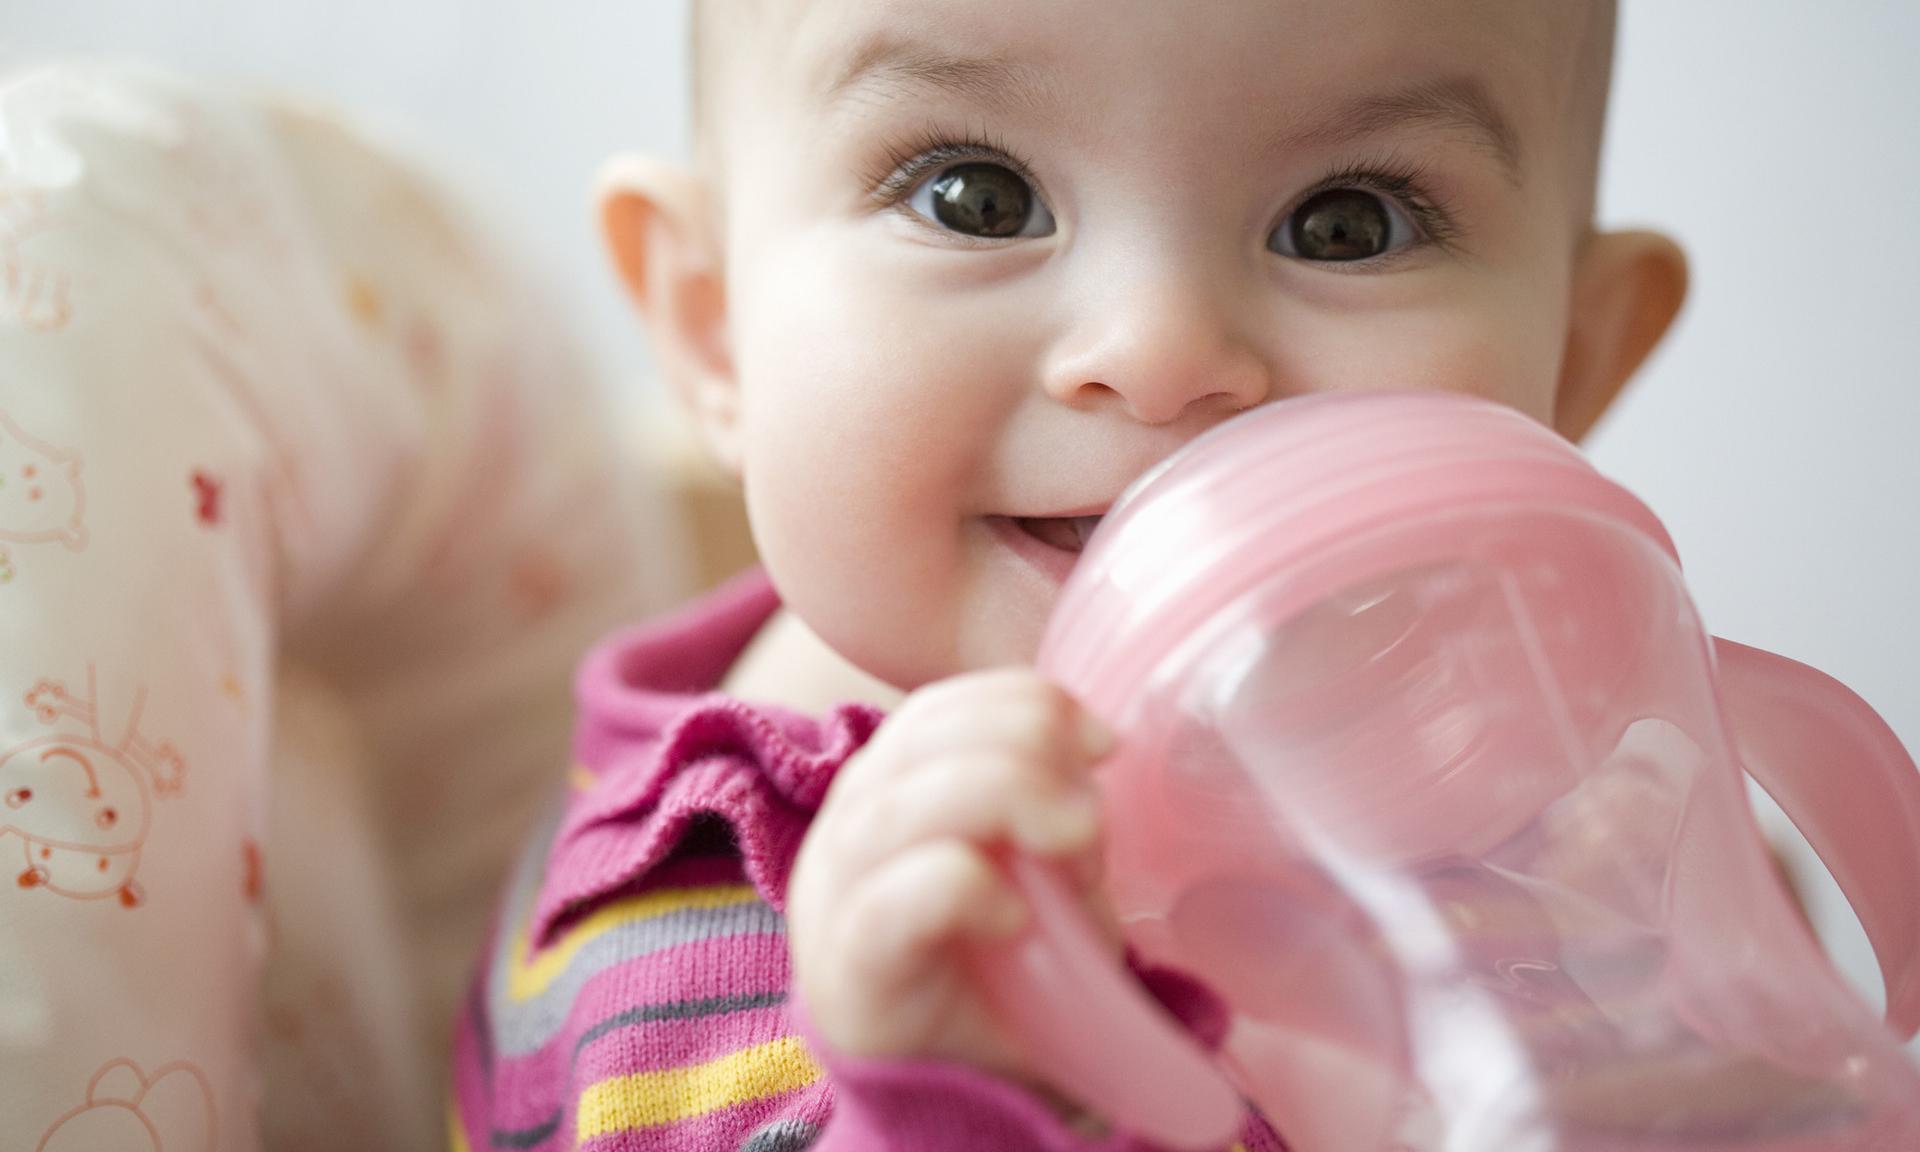 Питье для младенца: надо ли давать воду грудничку